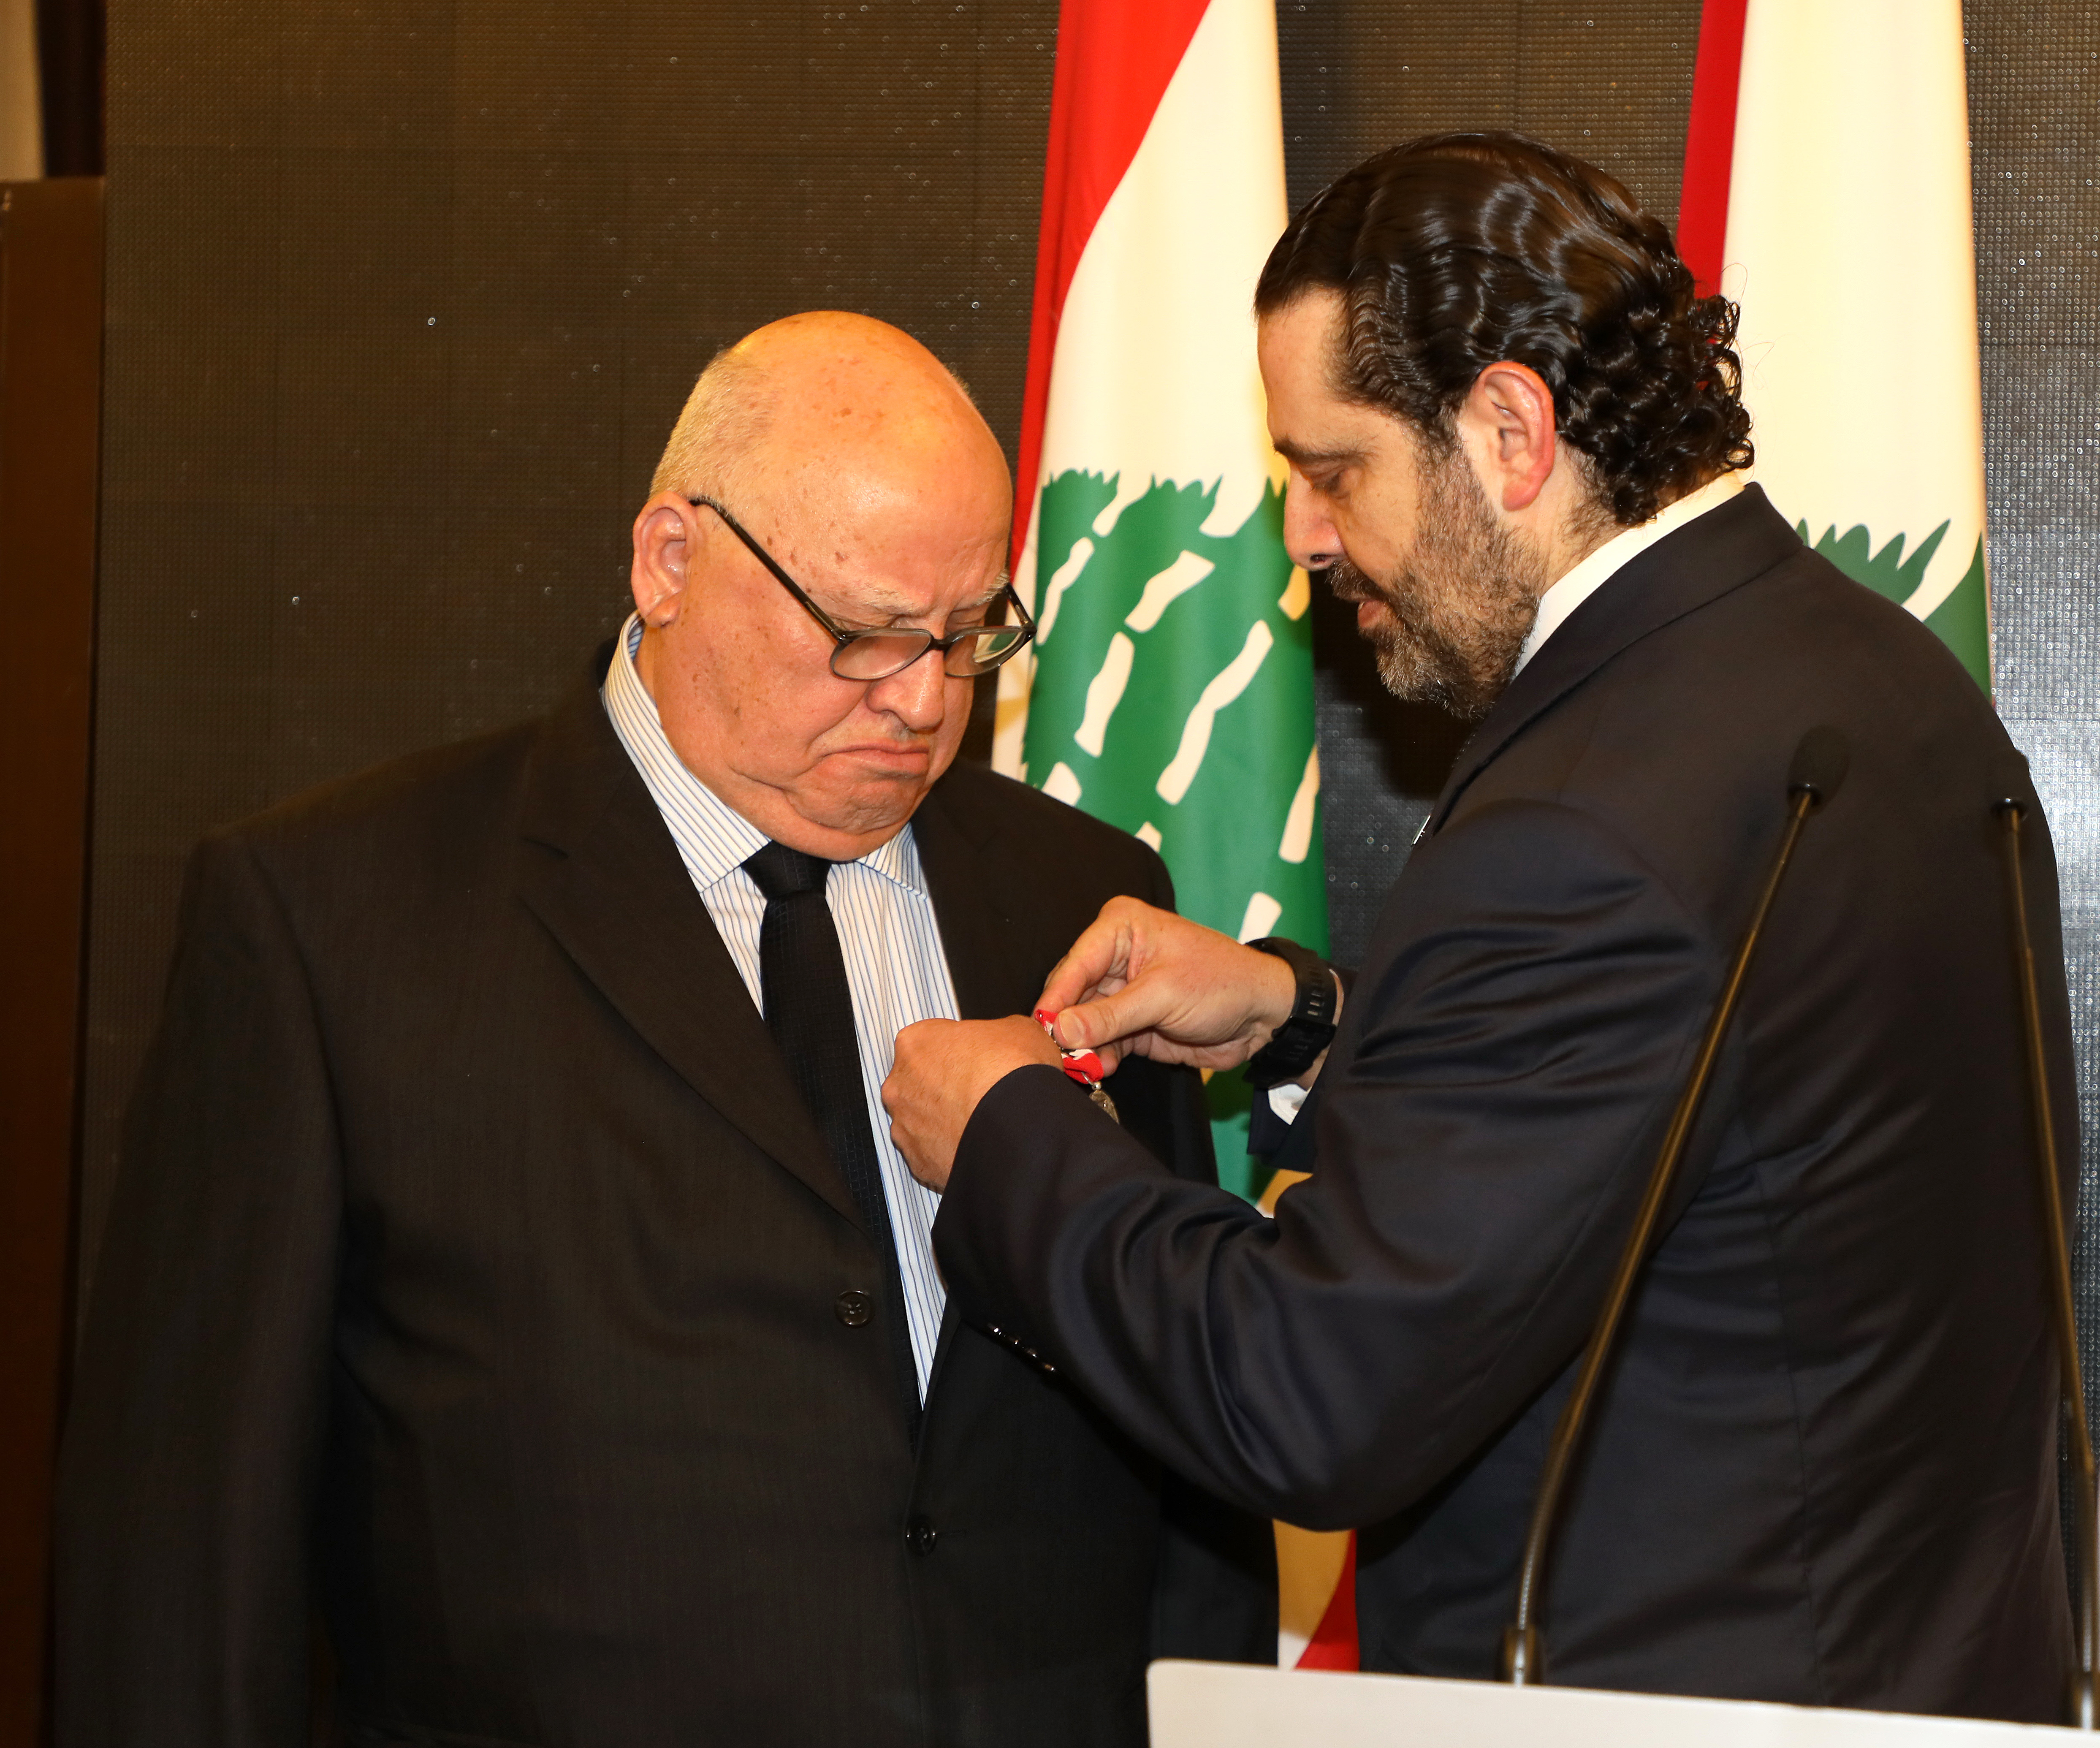 Pr Minister Saad Hariri Honors Mr Mouhamad el Saoudi 2